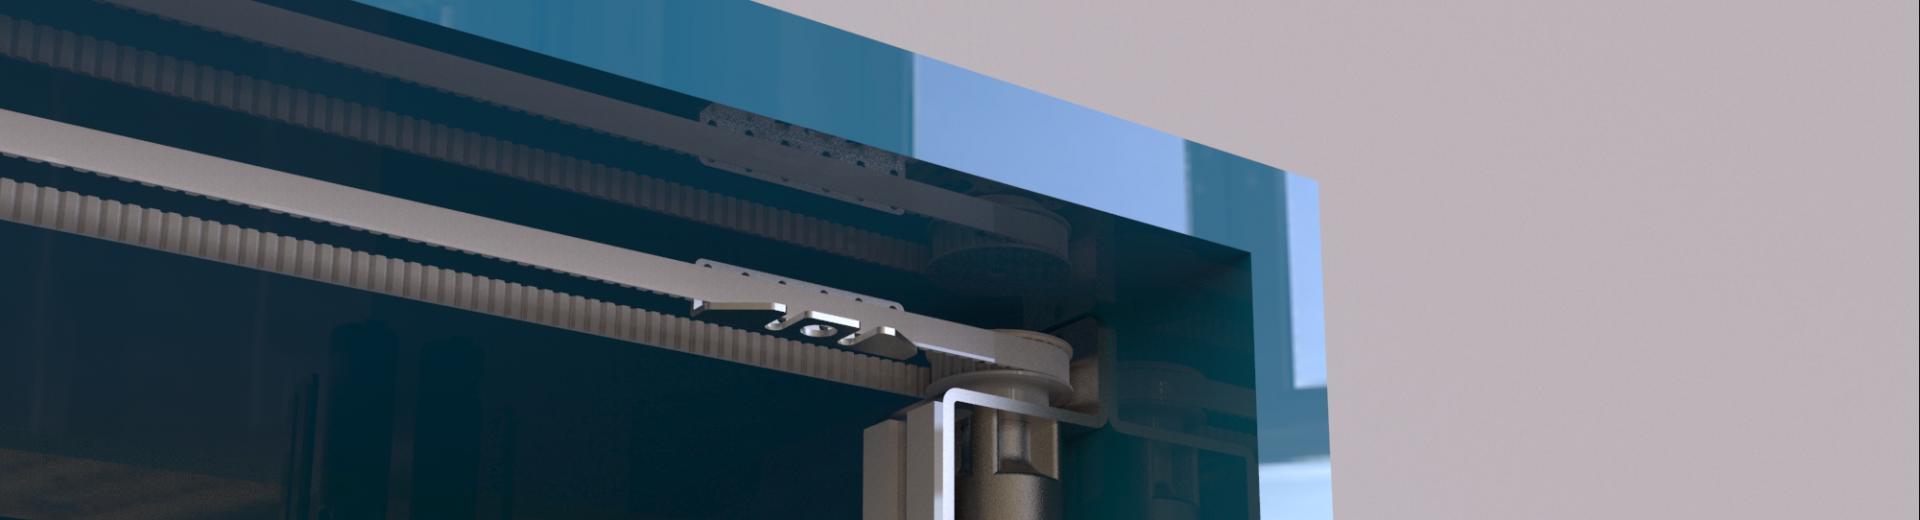 Automazione Per Porte Scorrevoli Da Interni Antamatic